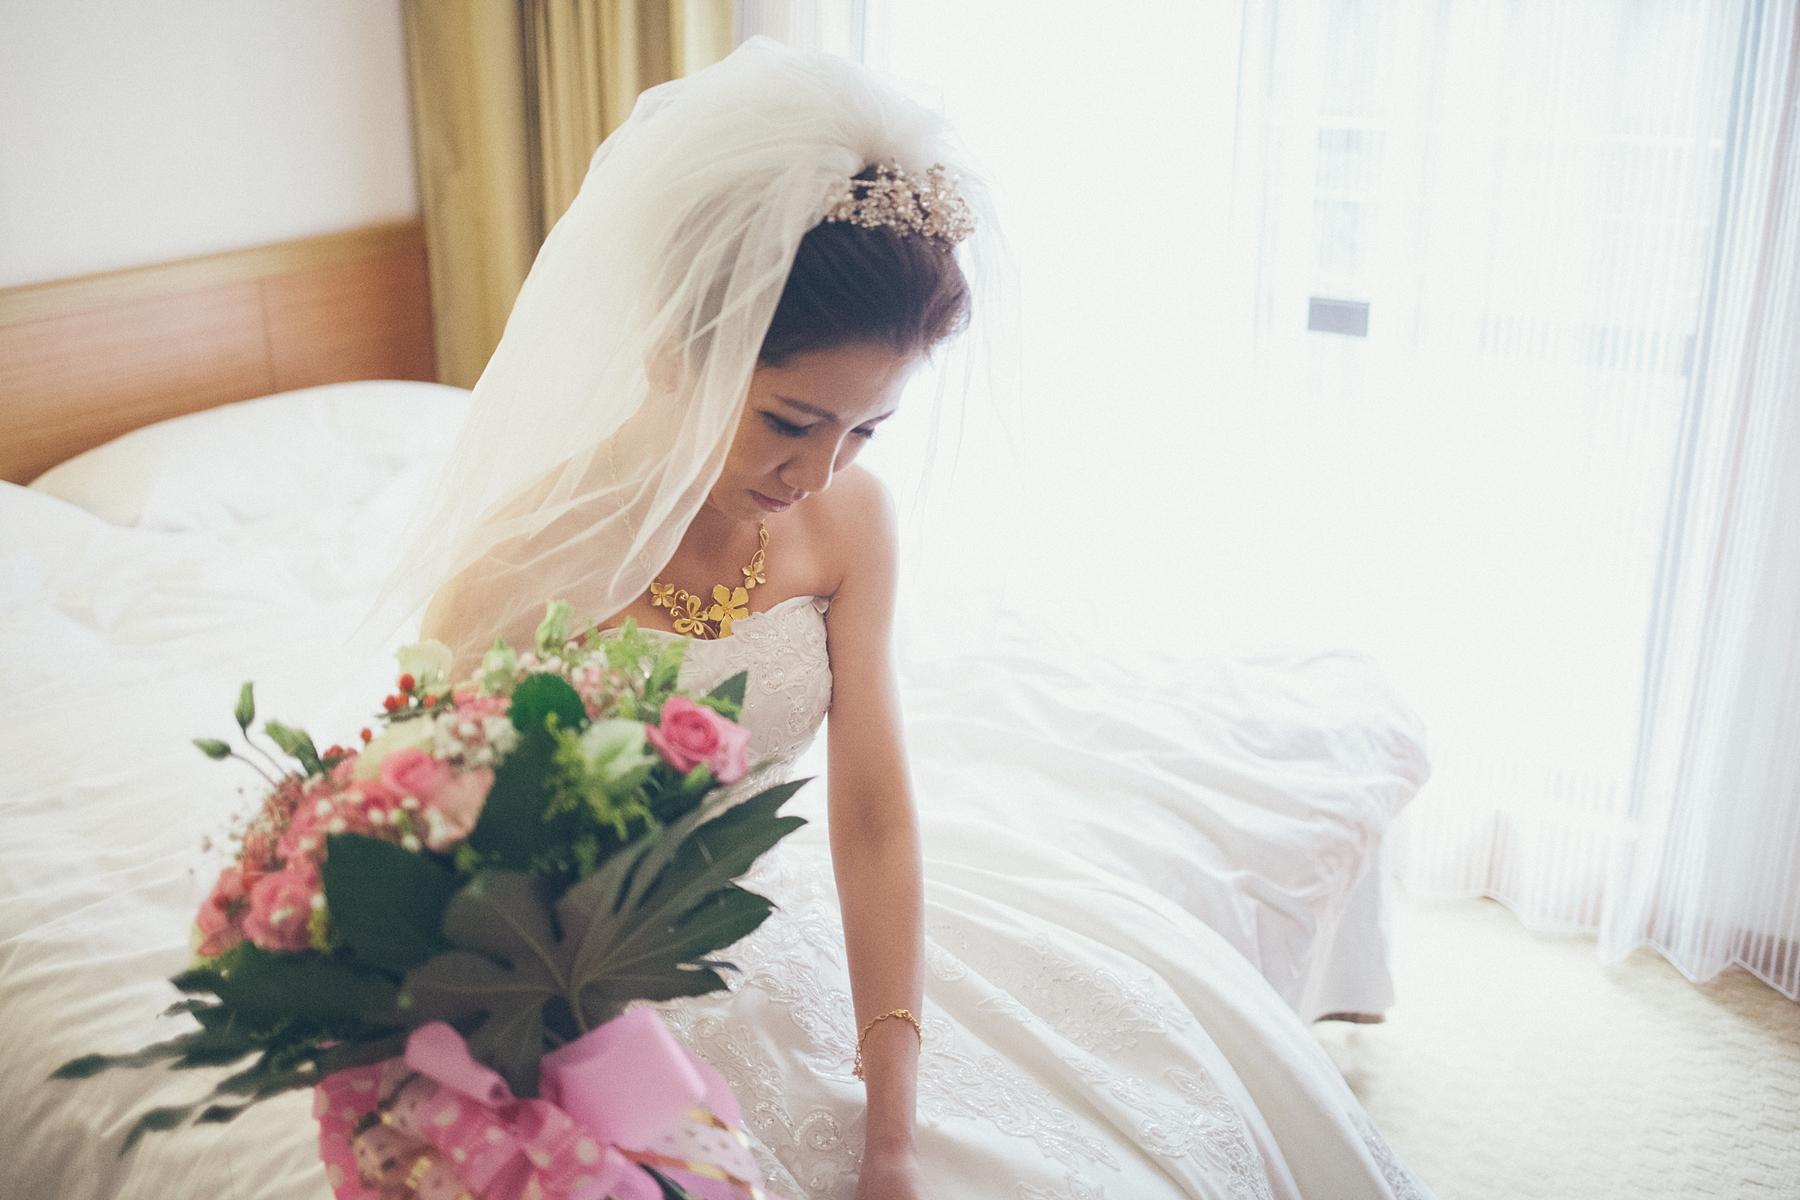 婚禮攝影,婚攝,婚禮記錄,桃園,晶宴會館,底片風格,自然